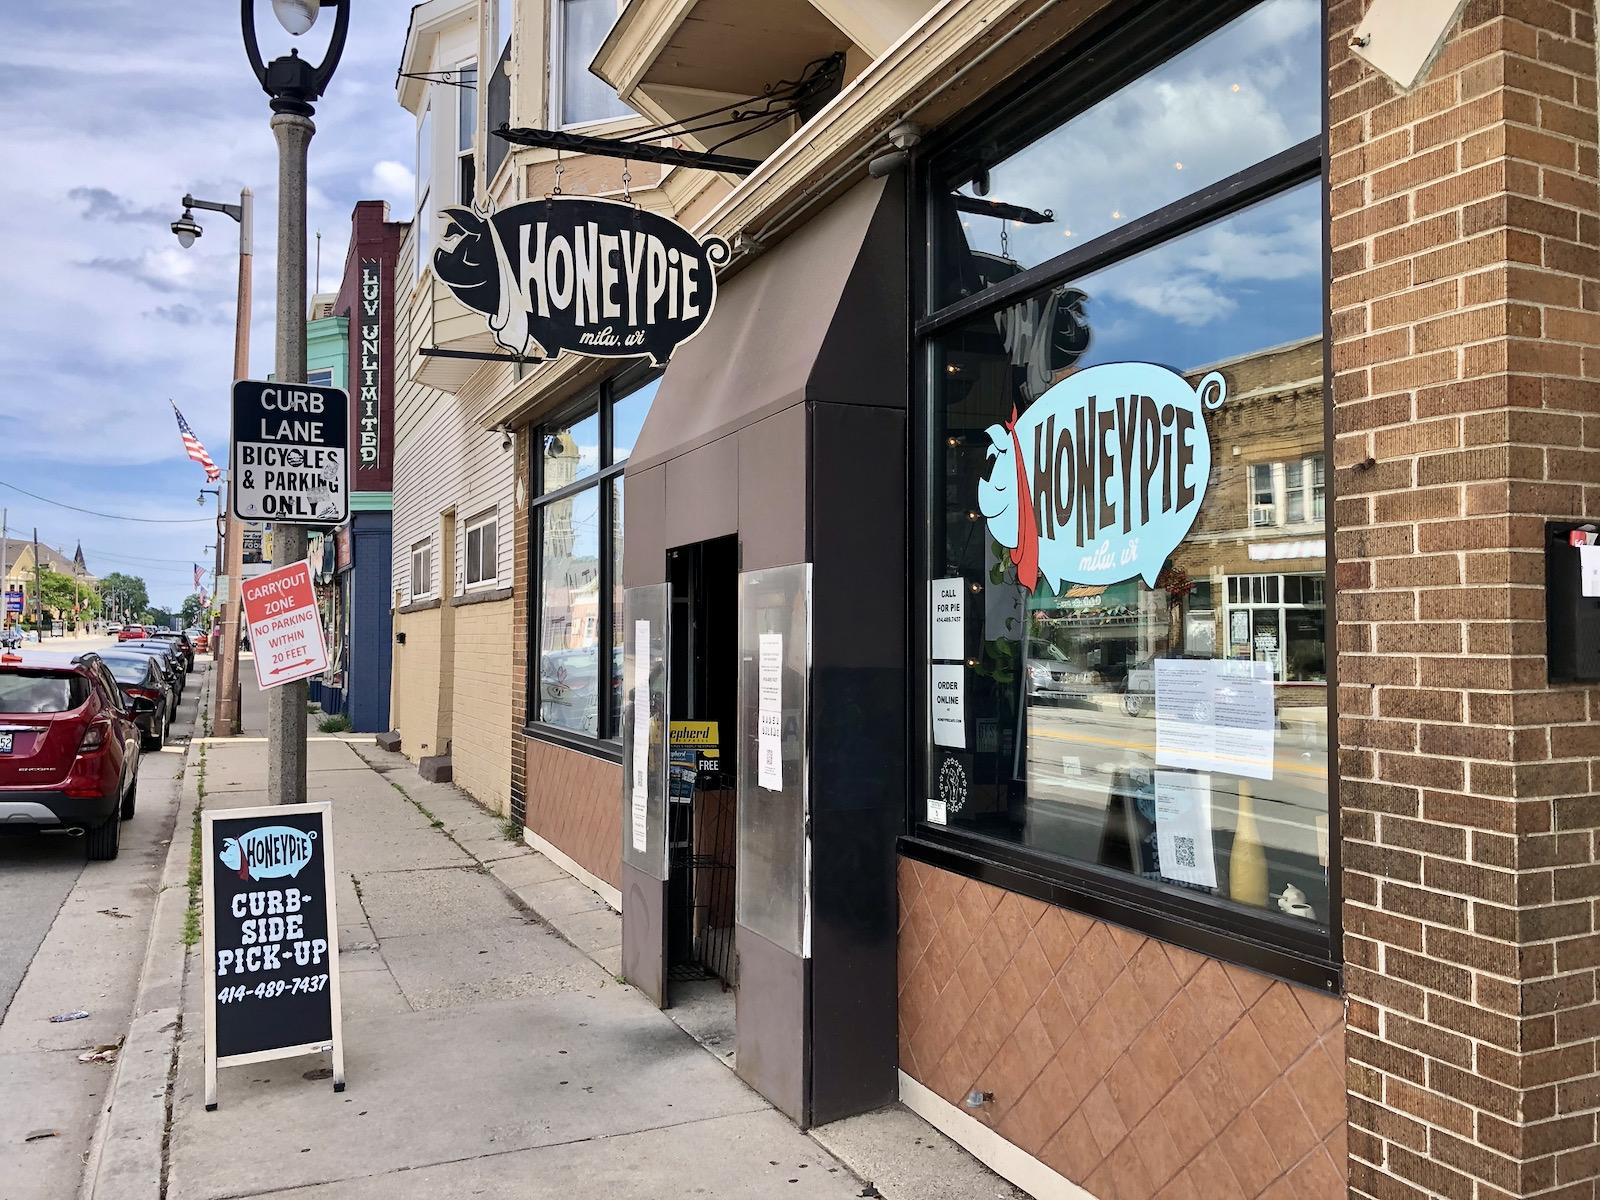 Honeypie Cafe exterior